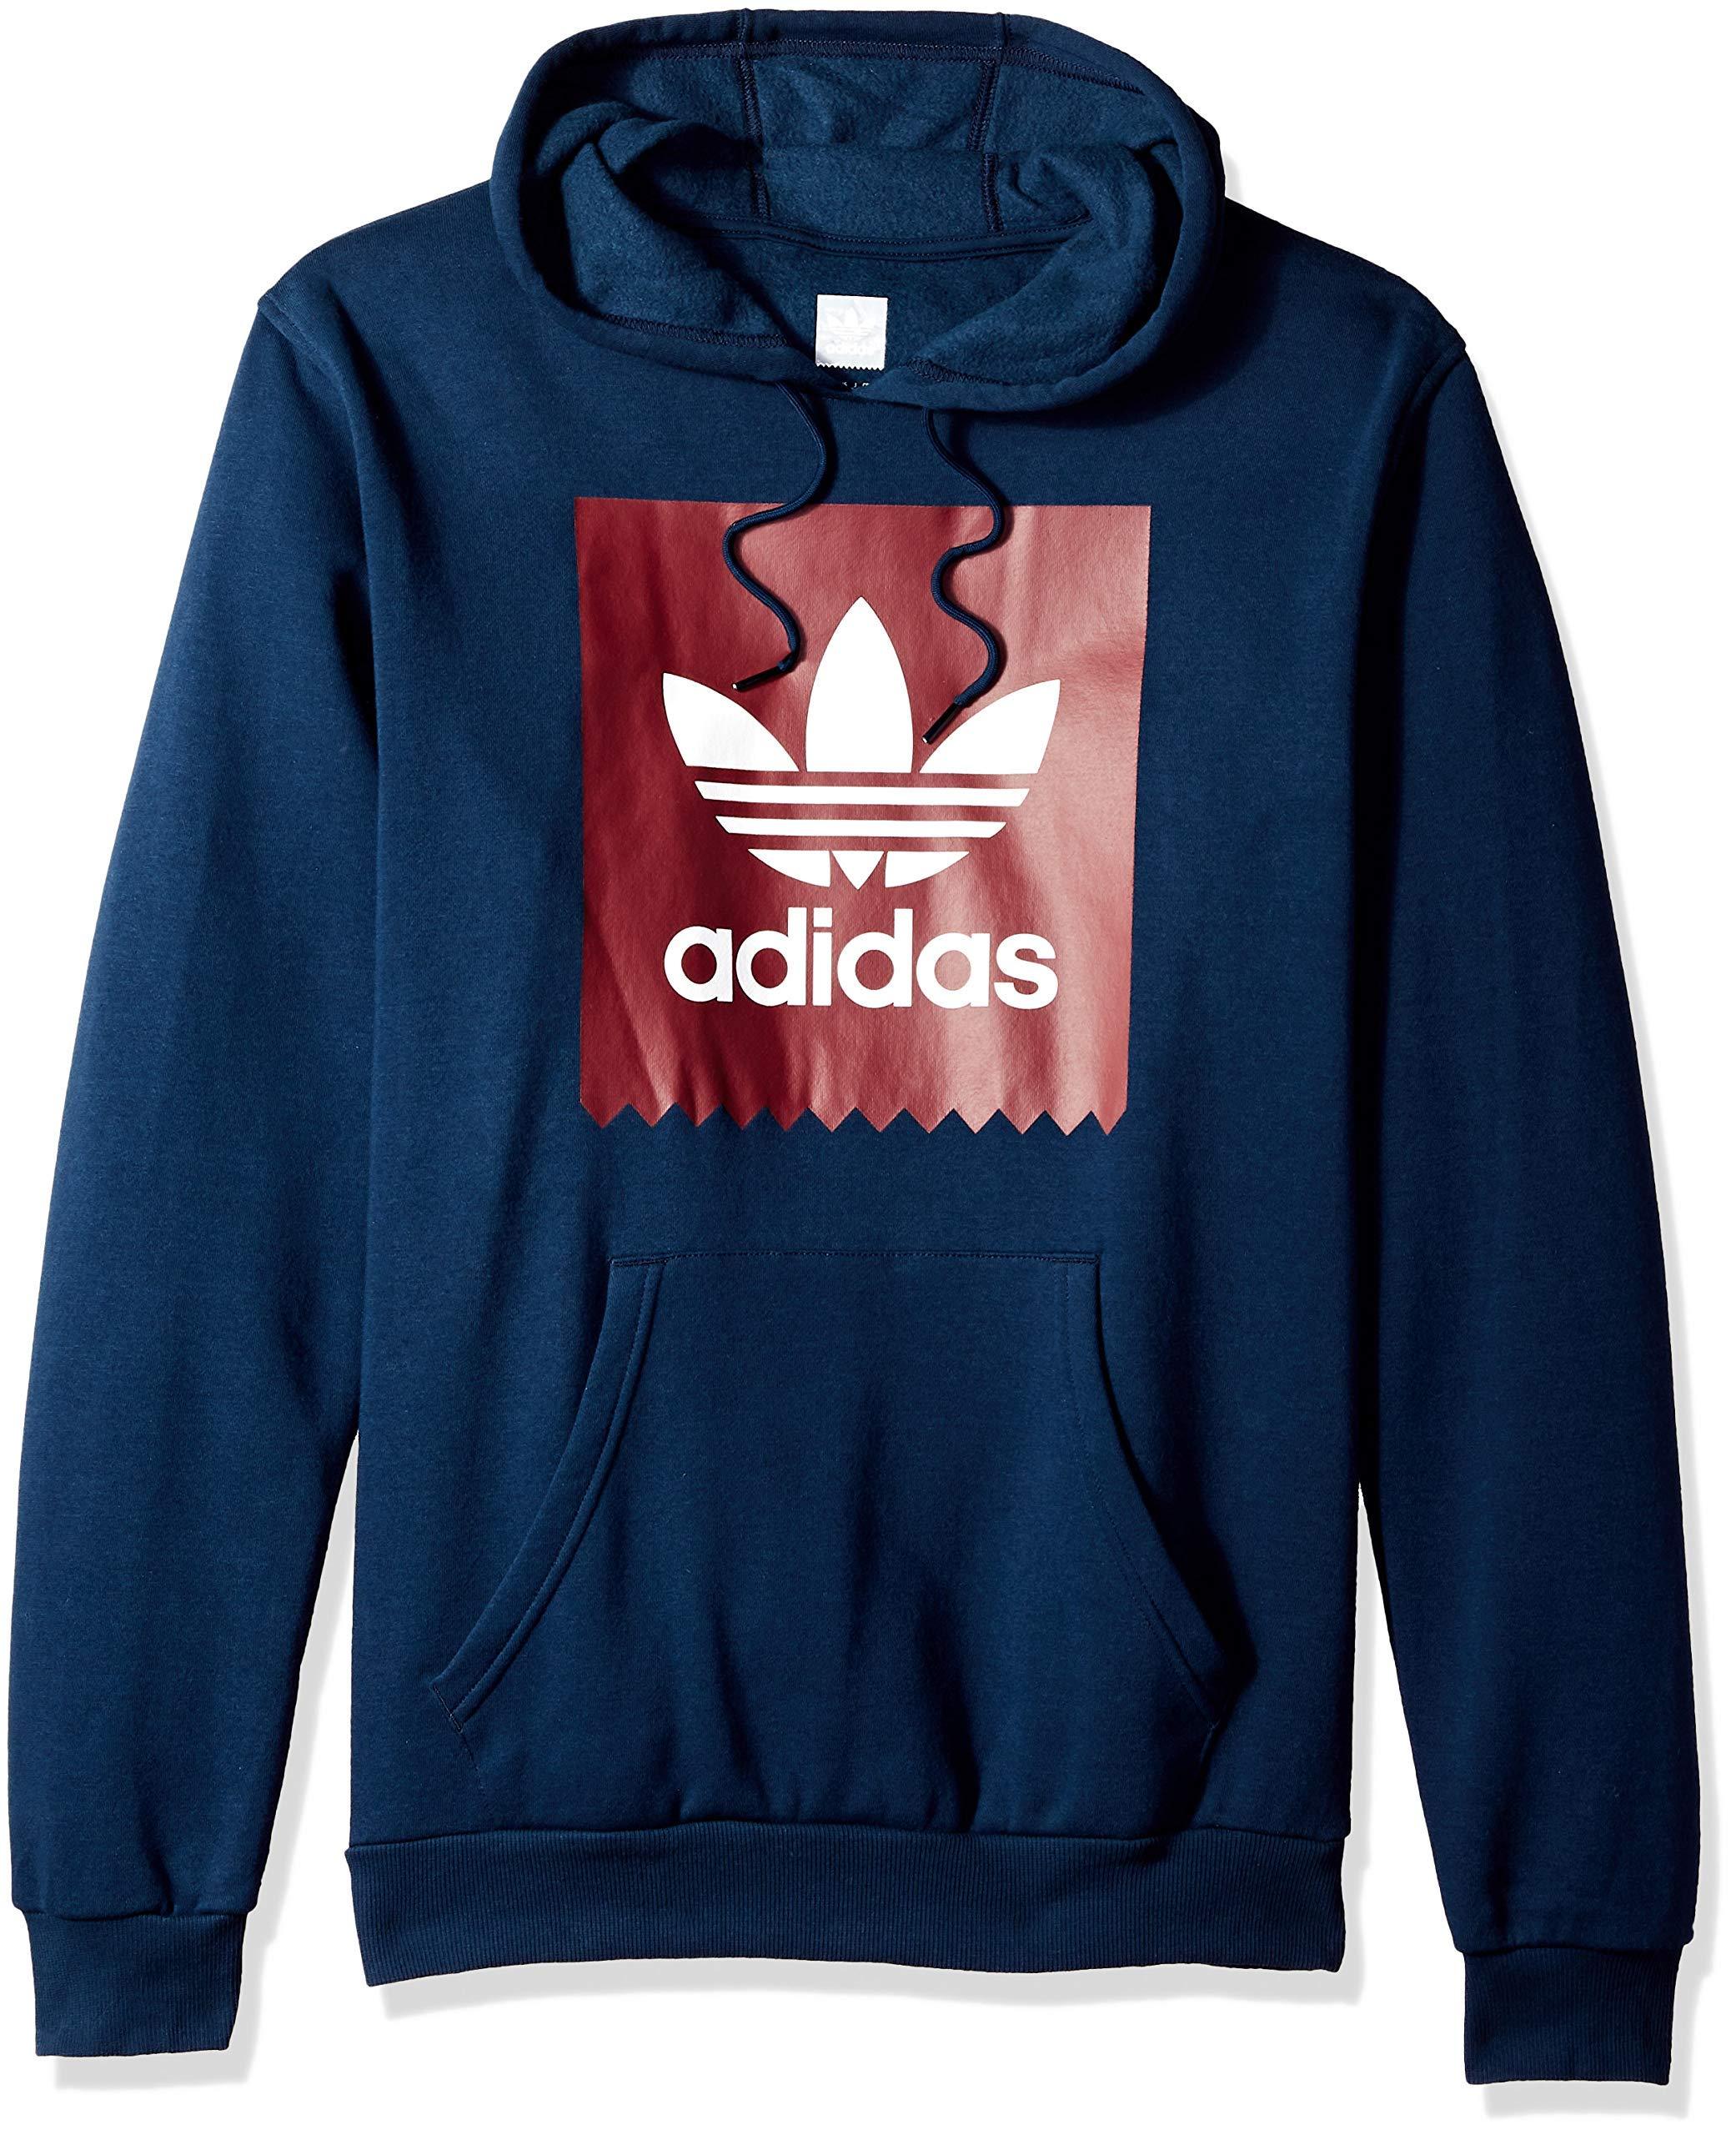 adidas Originals Men's Solid Bb Hoodie, Navy/Collegiate Burgundy/White, L by adidas Originals